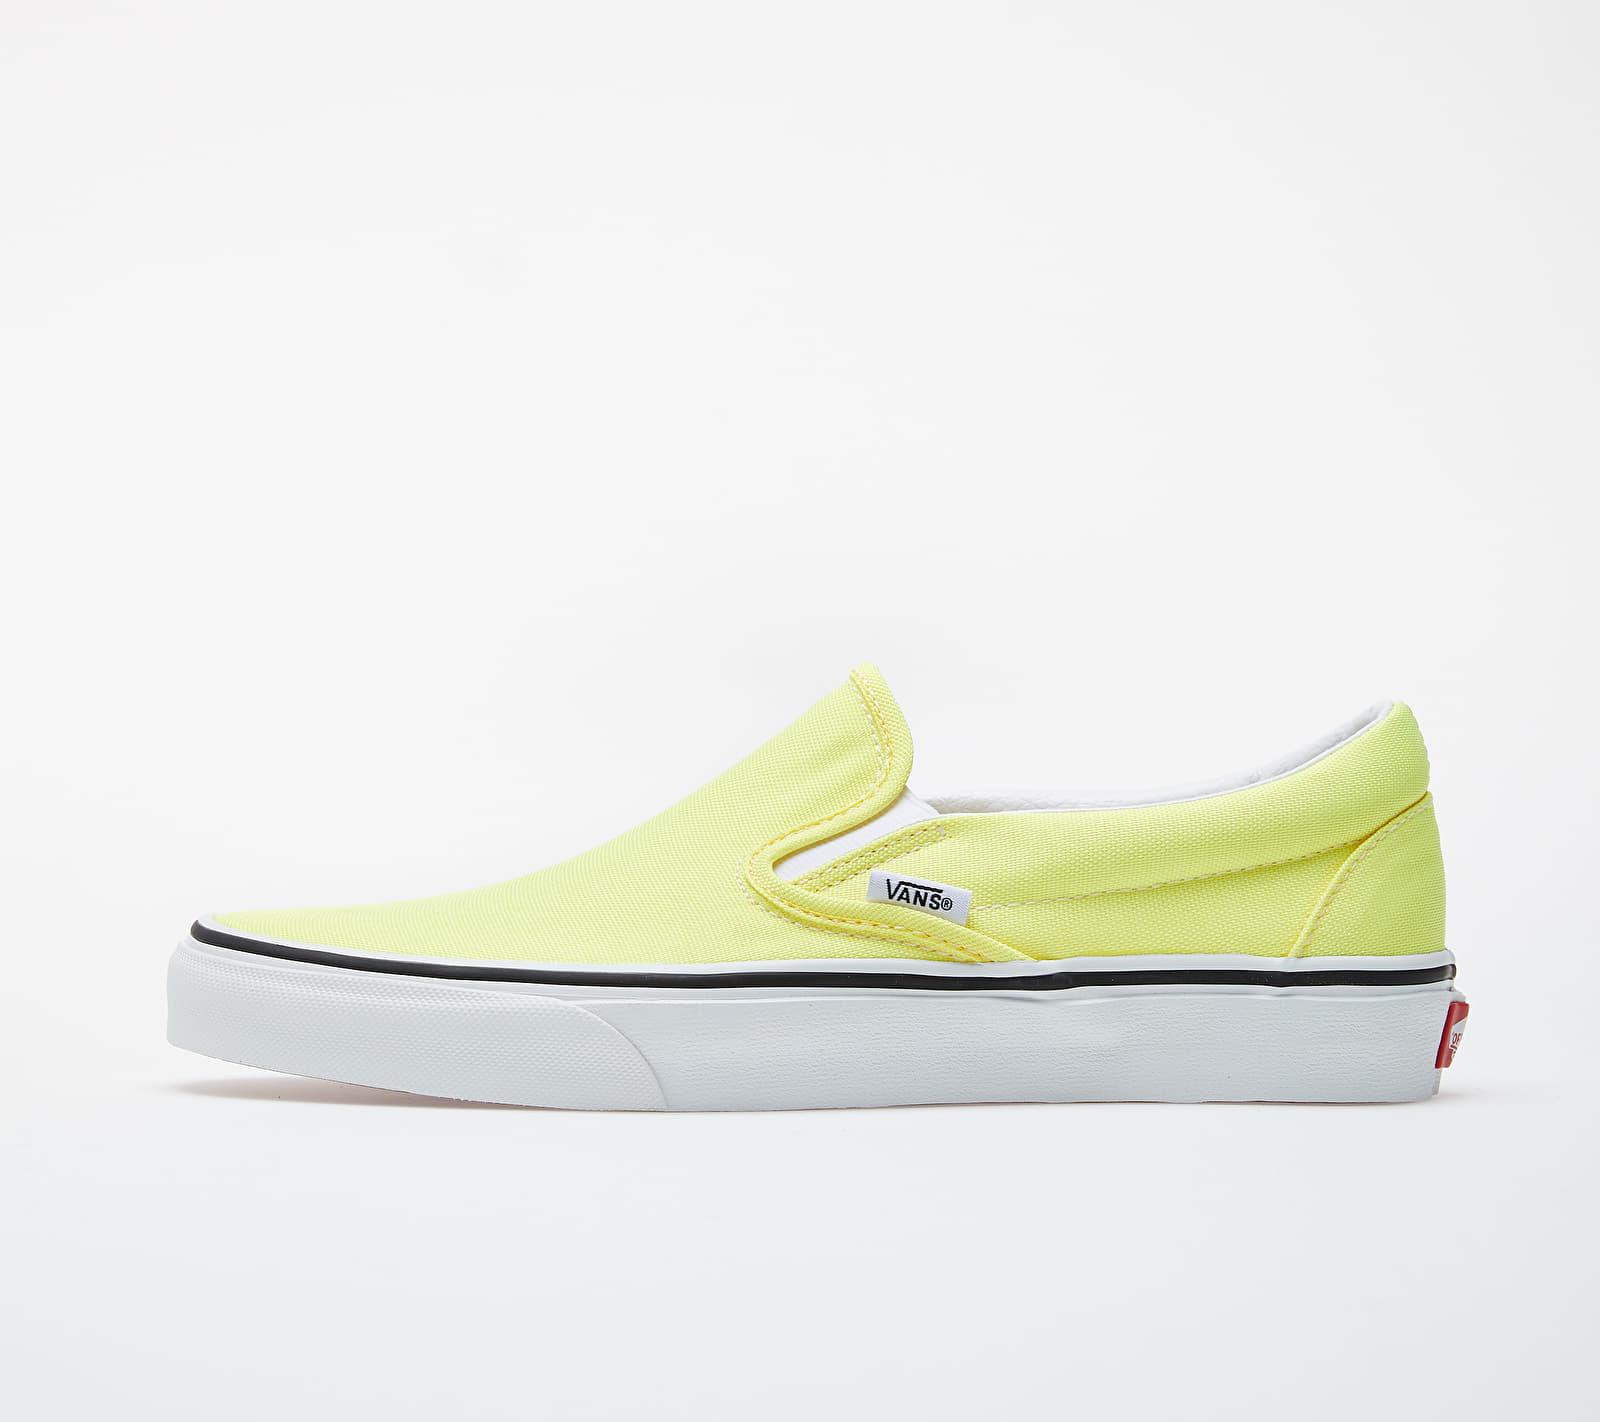 Vans Classic Slip-On (Neon) Lemon Tonic/ True White VN0A4U38WT71